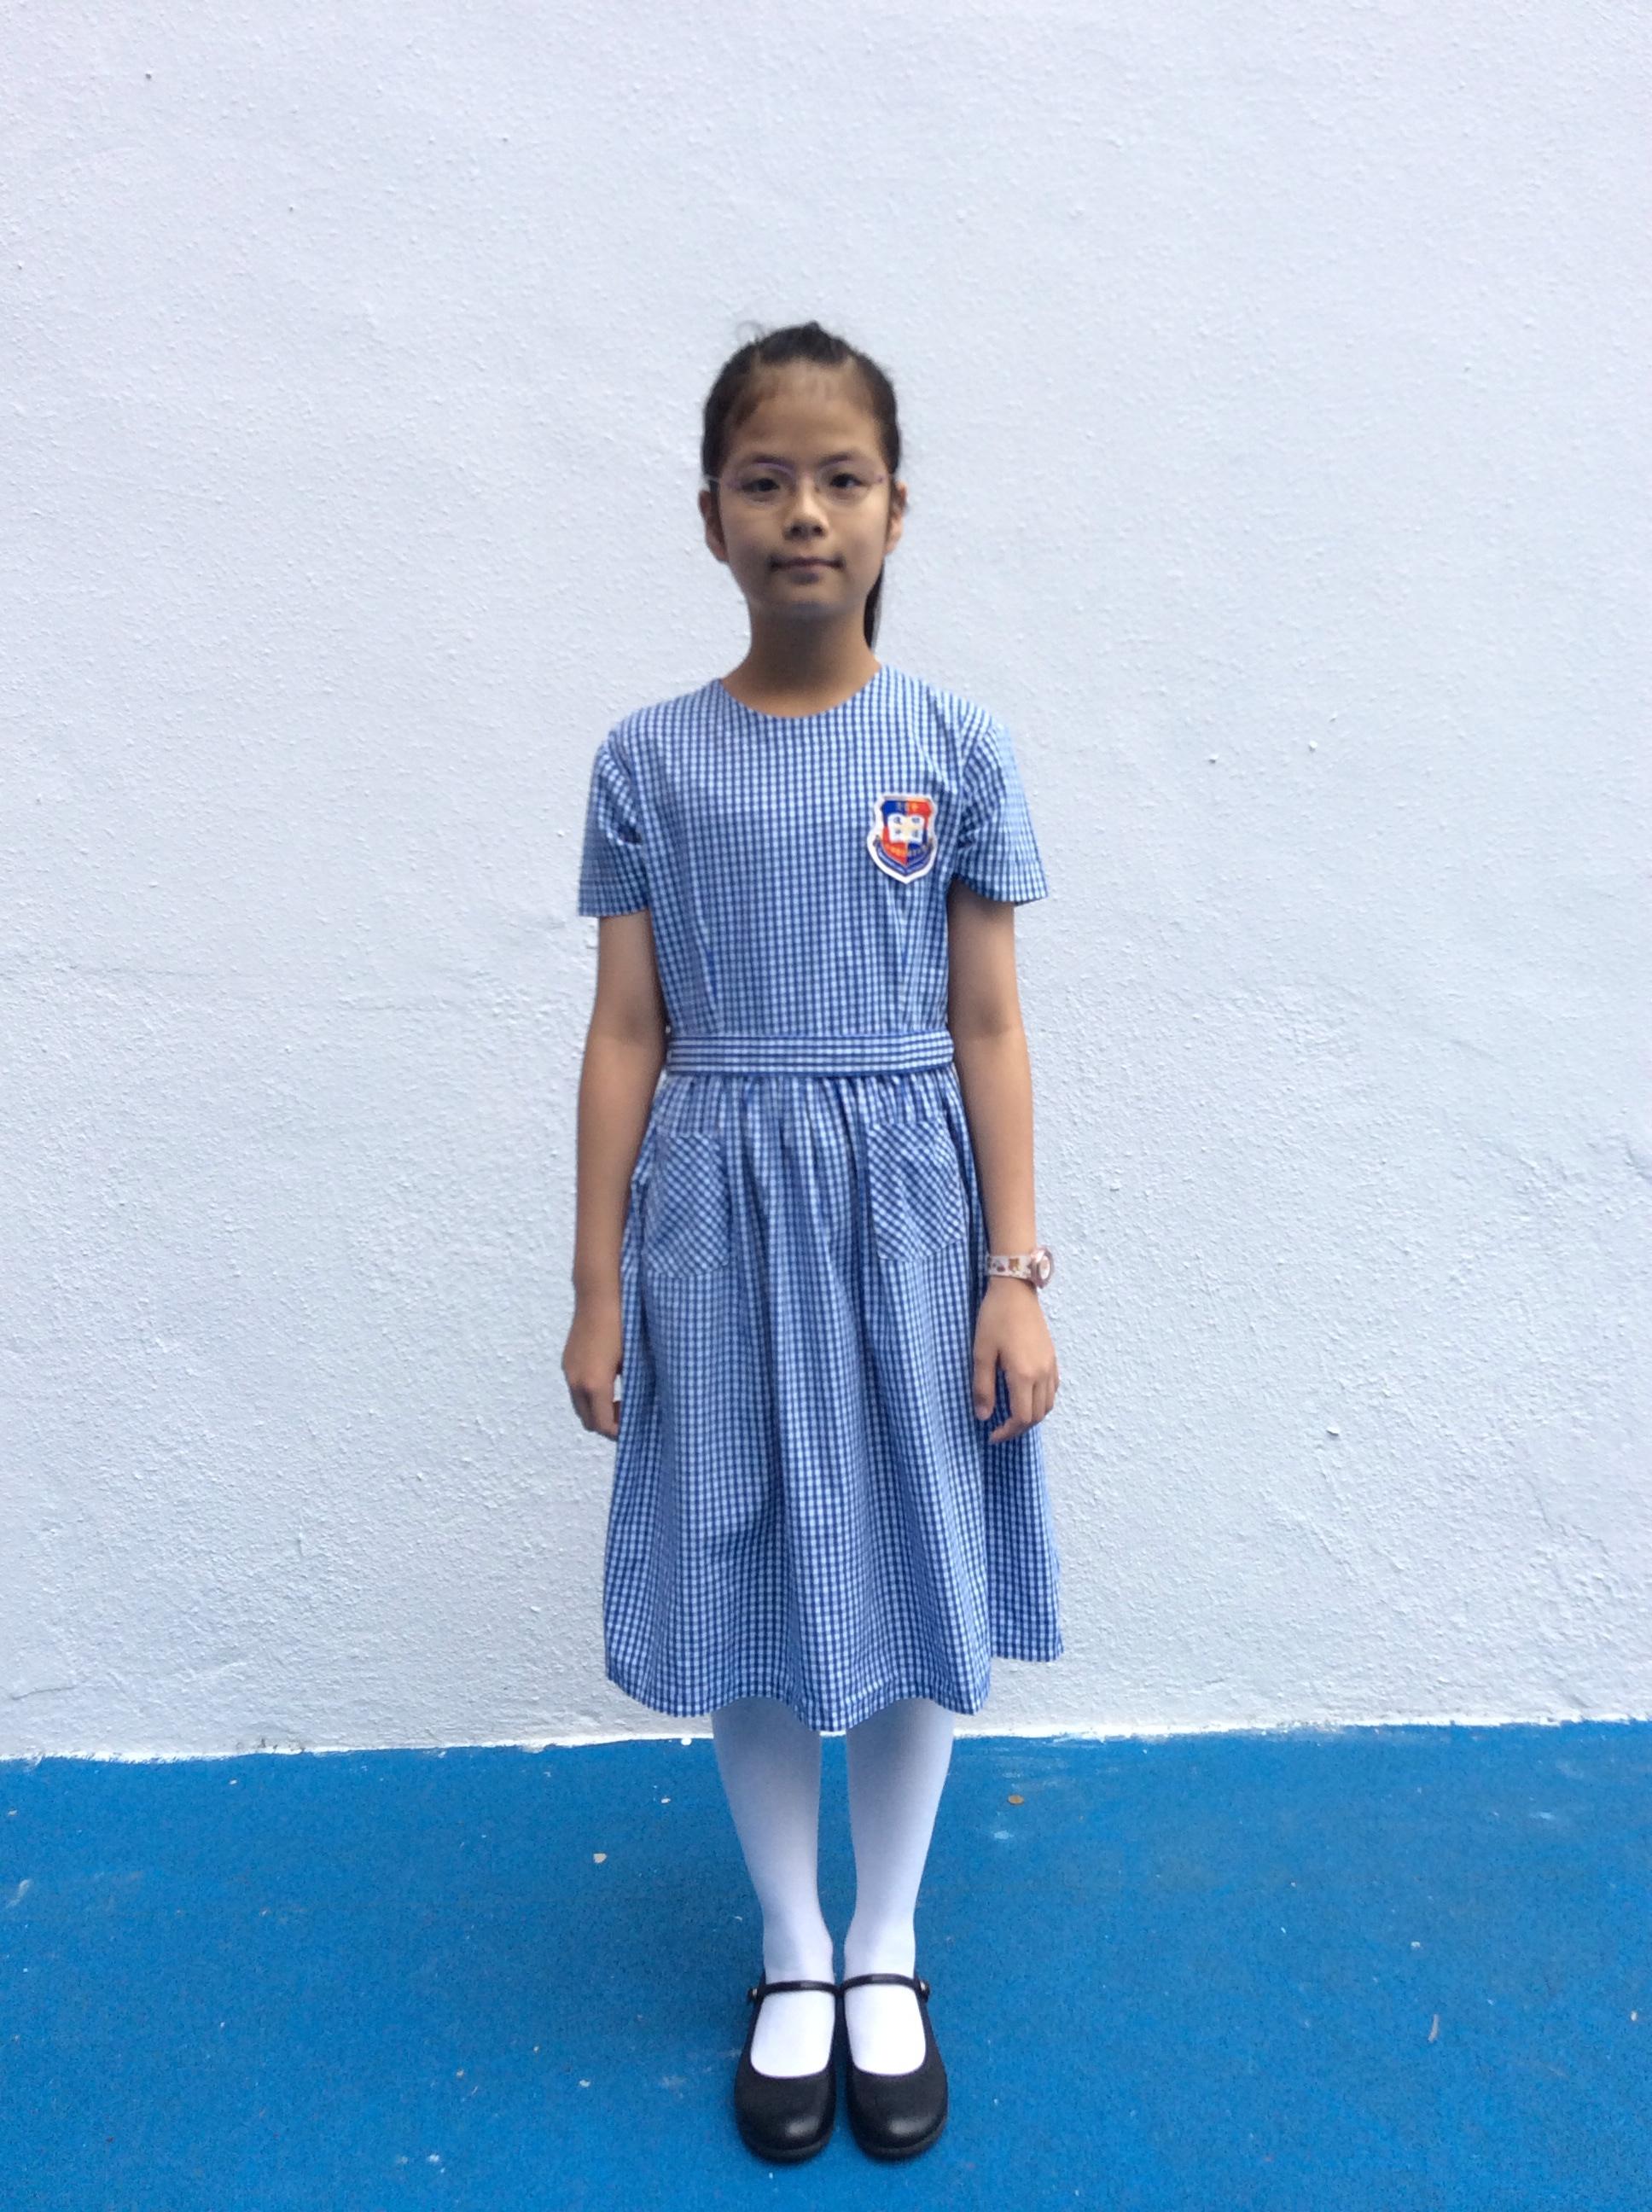 香港小學 新界東 學校列表 | Uniform Map 制服地圖